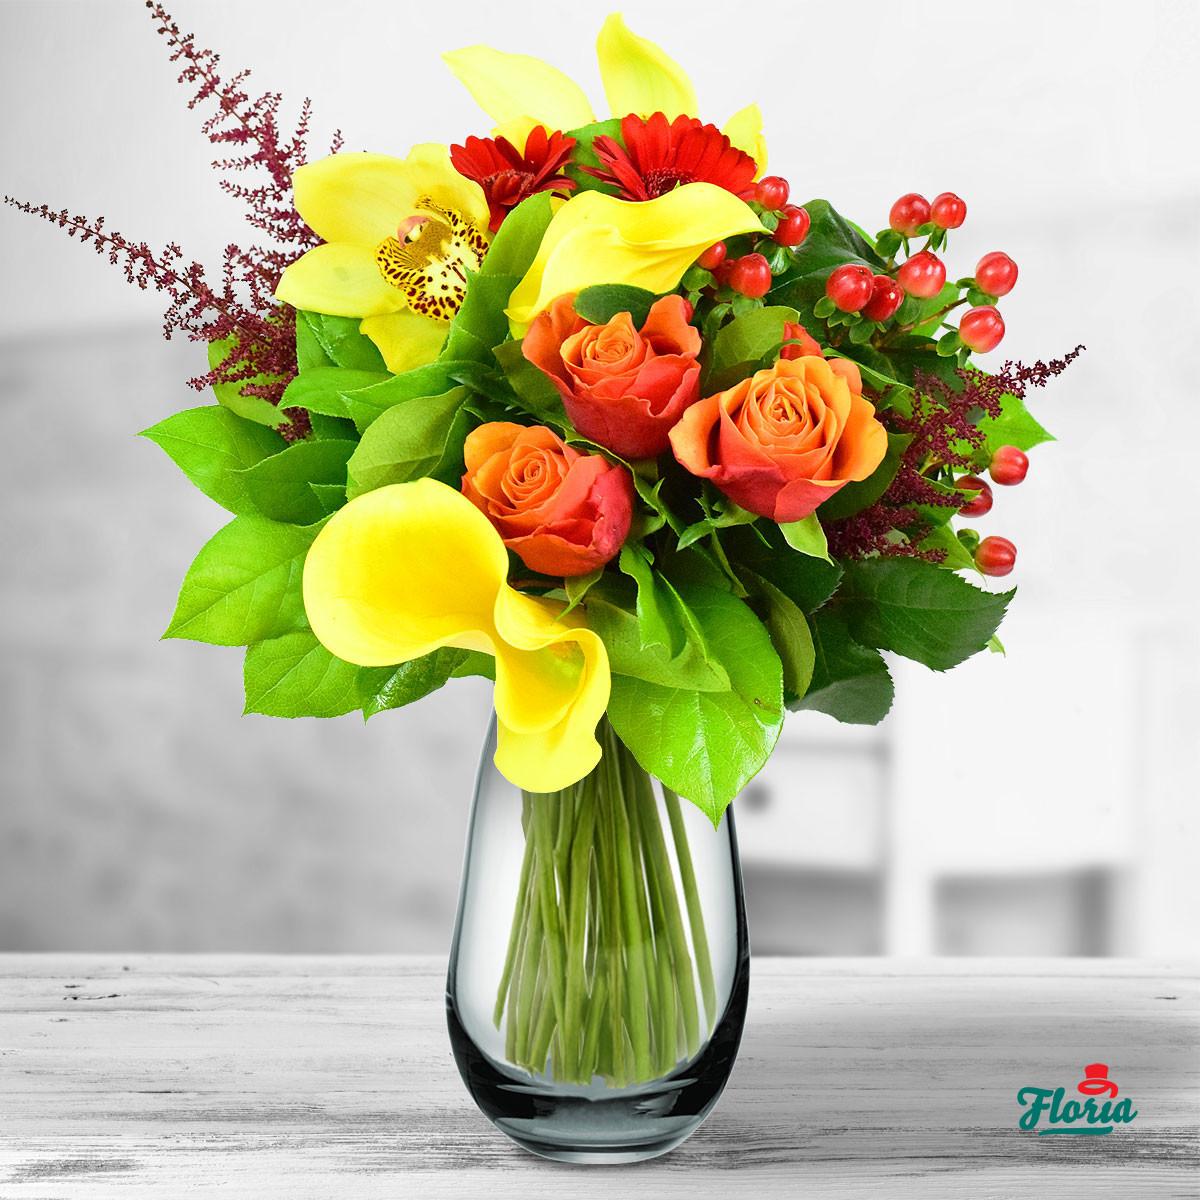 floria-buchet-cu-cale-si-trandafiri-33855